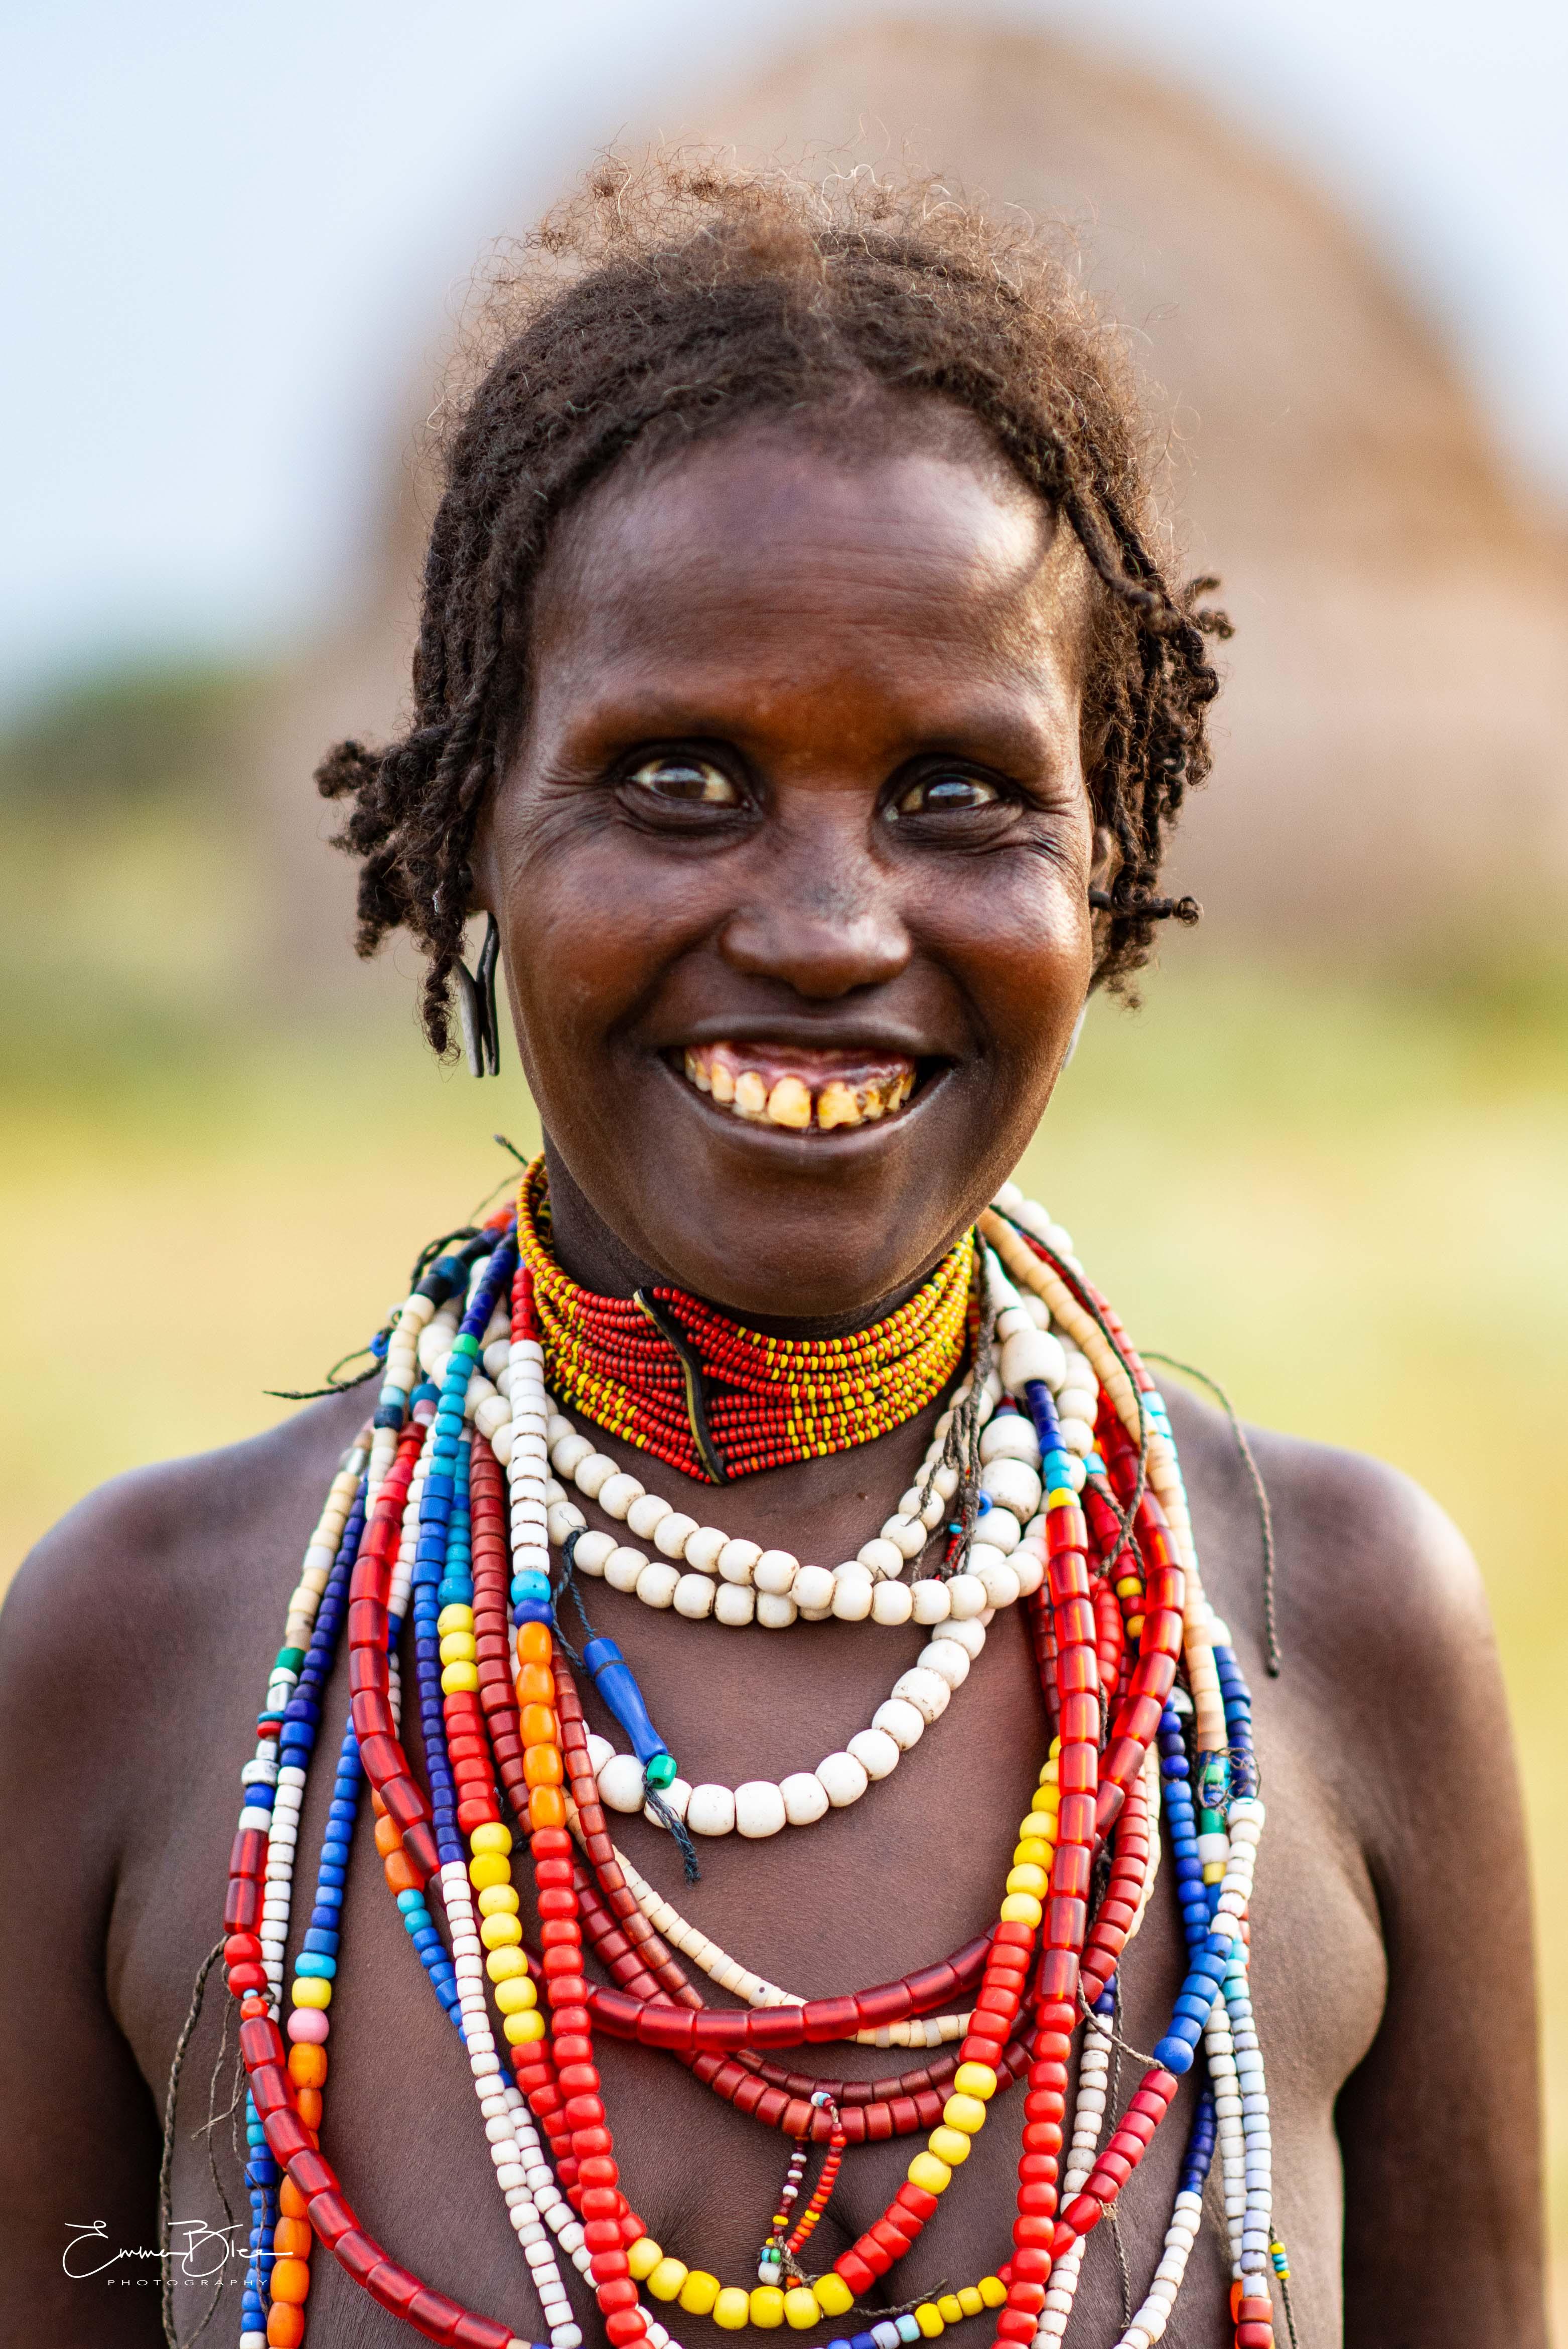 EB_20_01_11_Ethiopia_1831